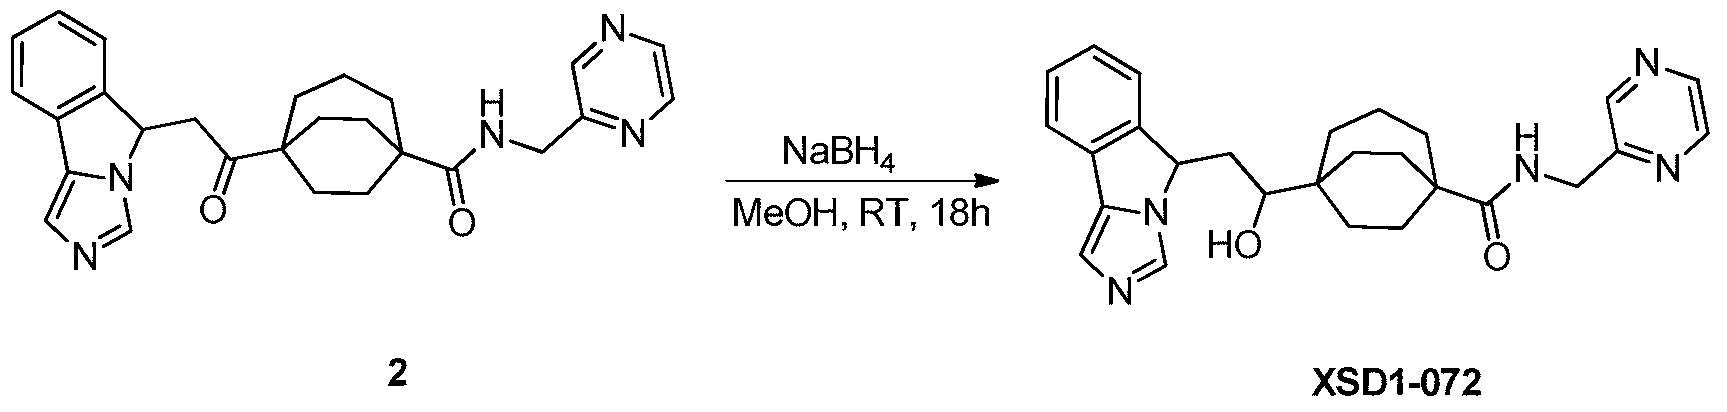 Figure PCTCN2017084604-appb-000094